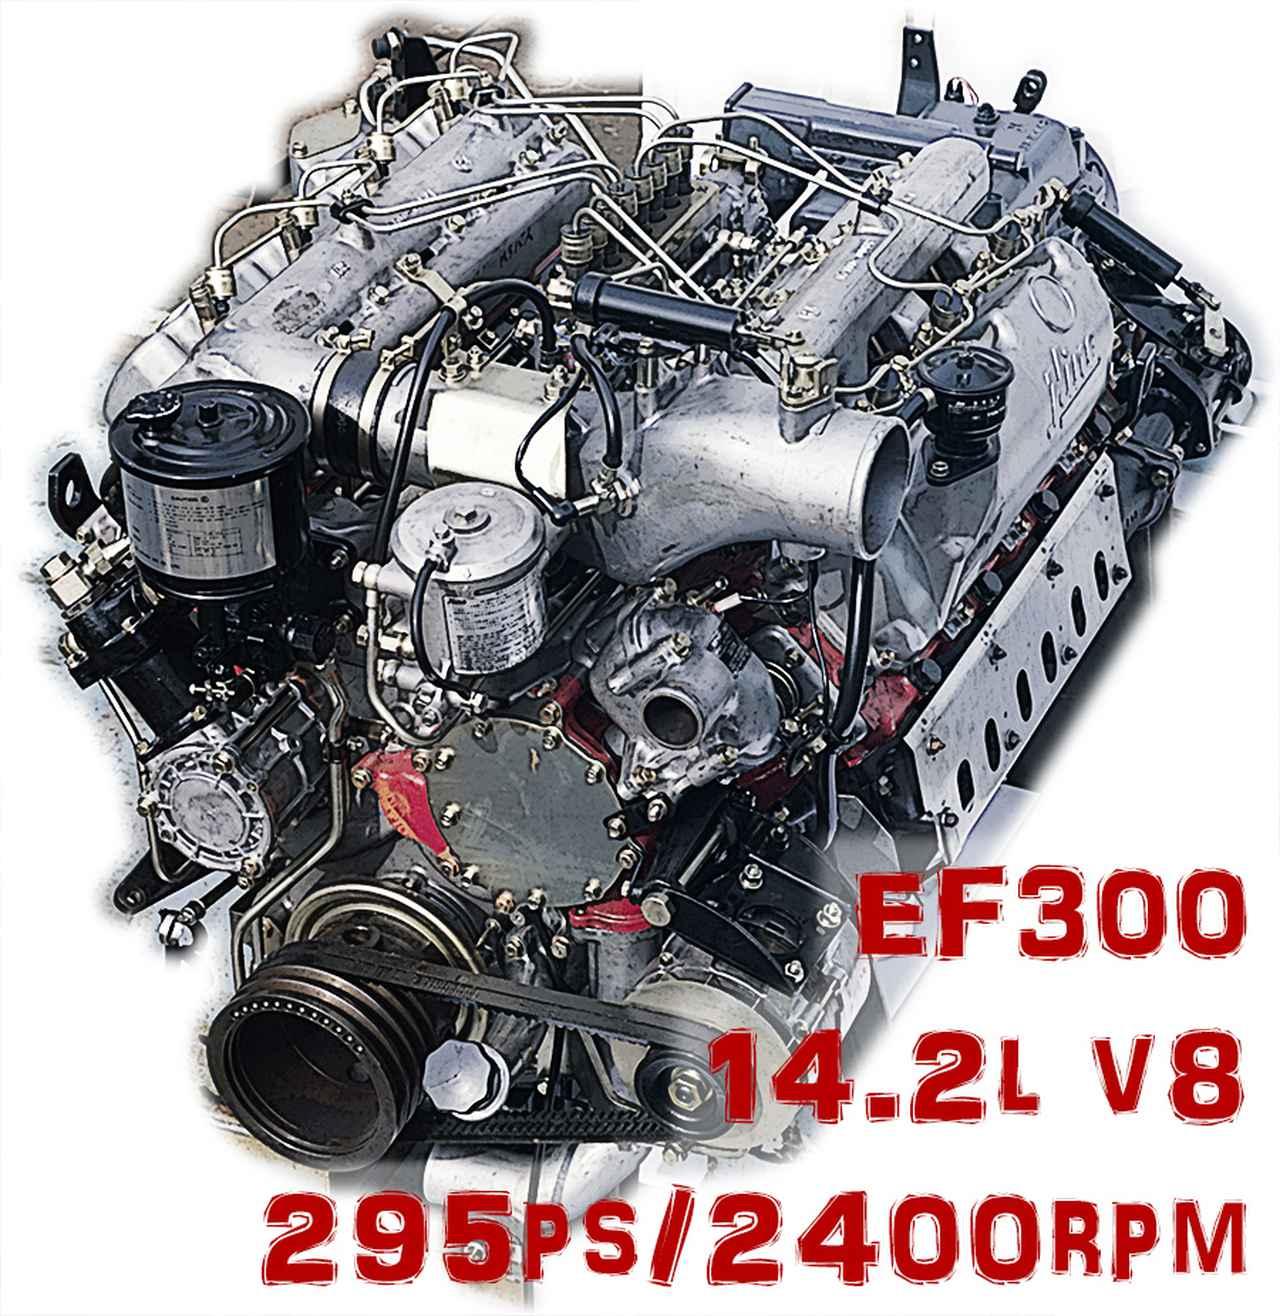 画像: 1977年ごろのRSやRVに搭載された、主力エンジンのEF300。14.2L V8で295ps/2400rpmを発生。